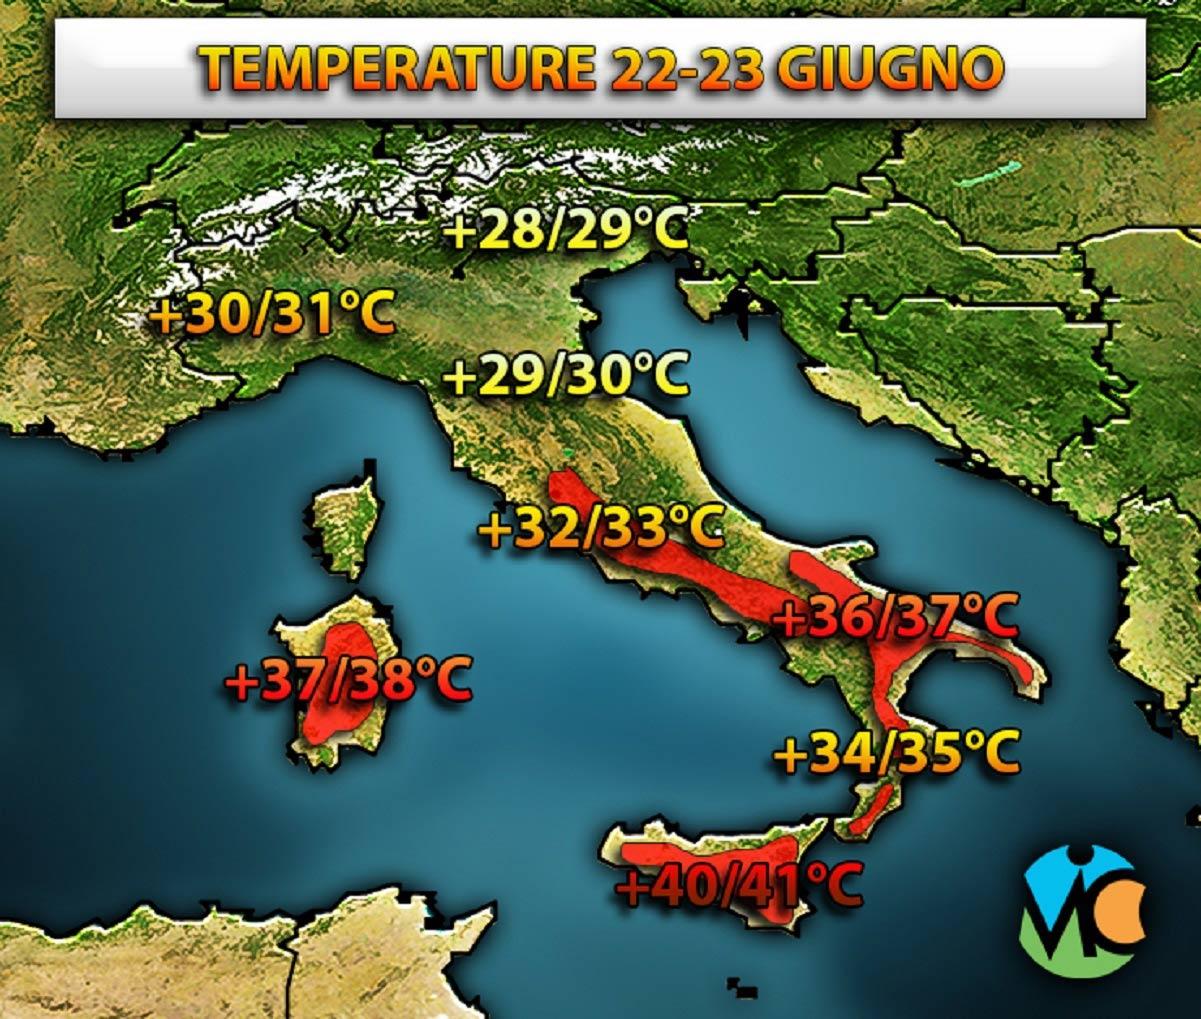 Temperature in aumento in vista del prossimo weekend, con l'anticiclone africano che tornerà ad espandersi verso l'Italia.